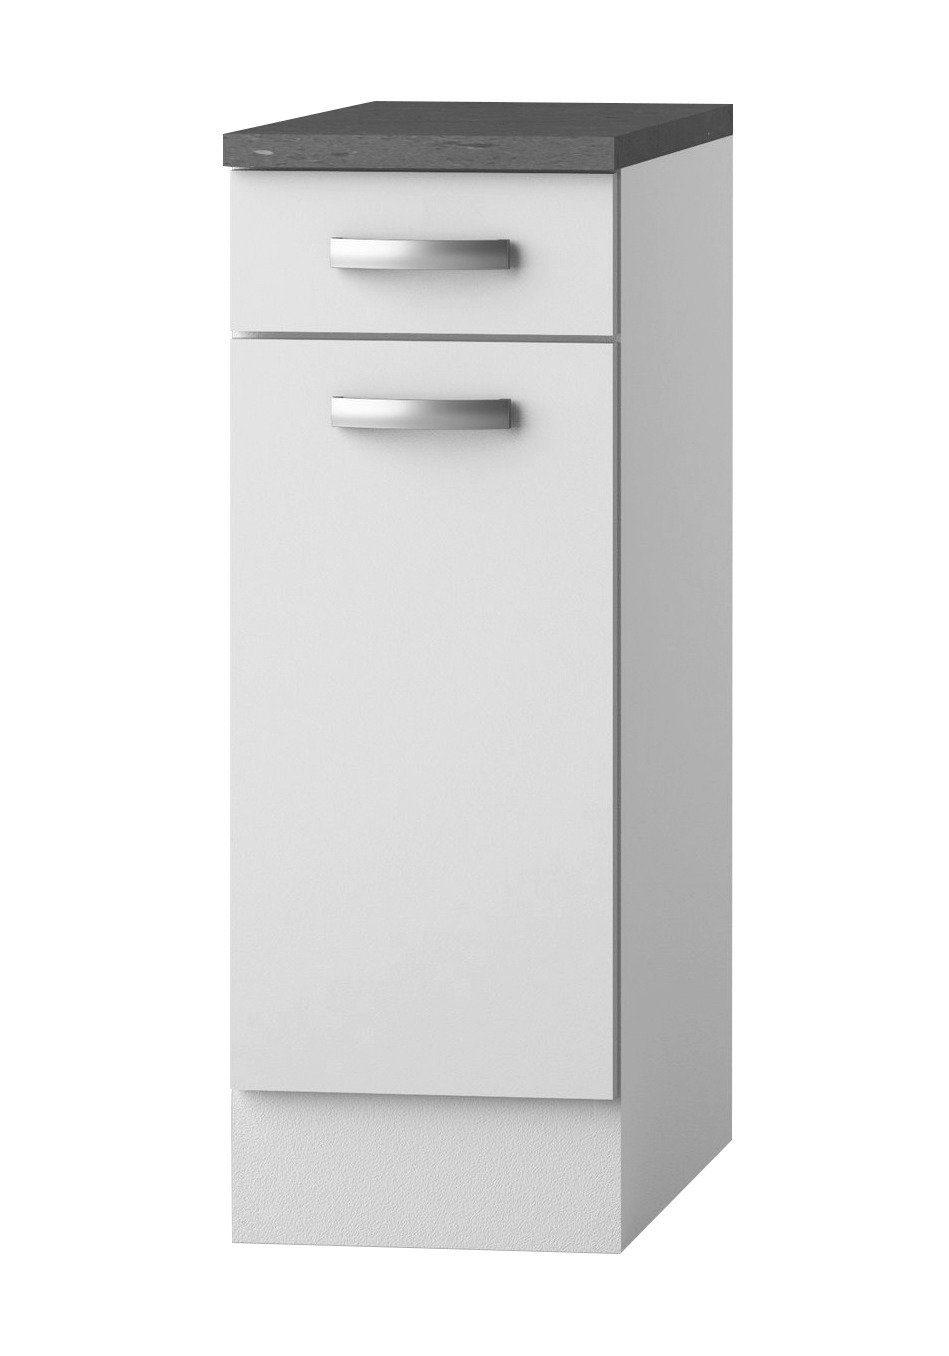 Optifit Küchenunterschrank »Lagos«, Breite 30 cm